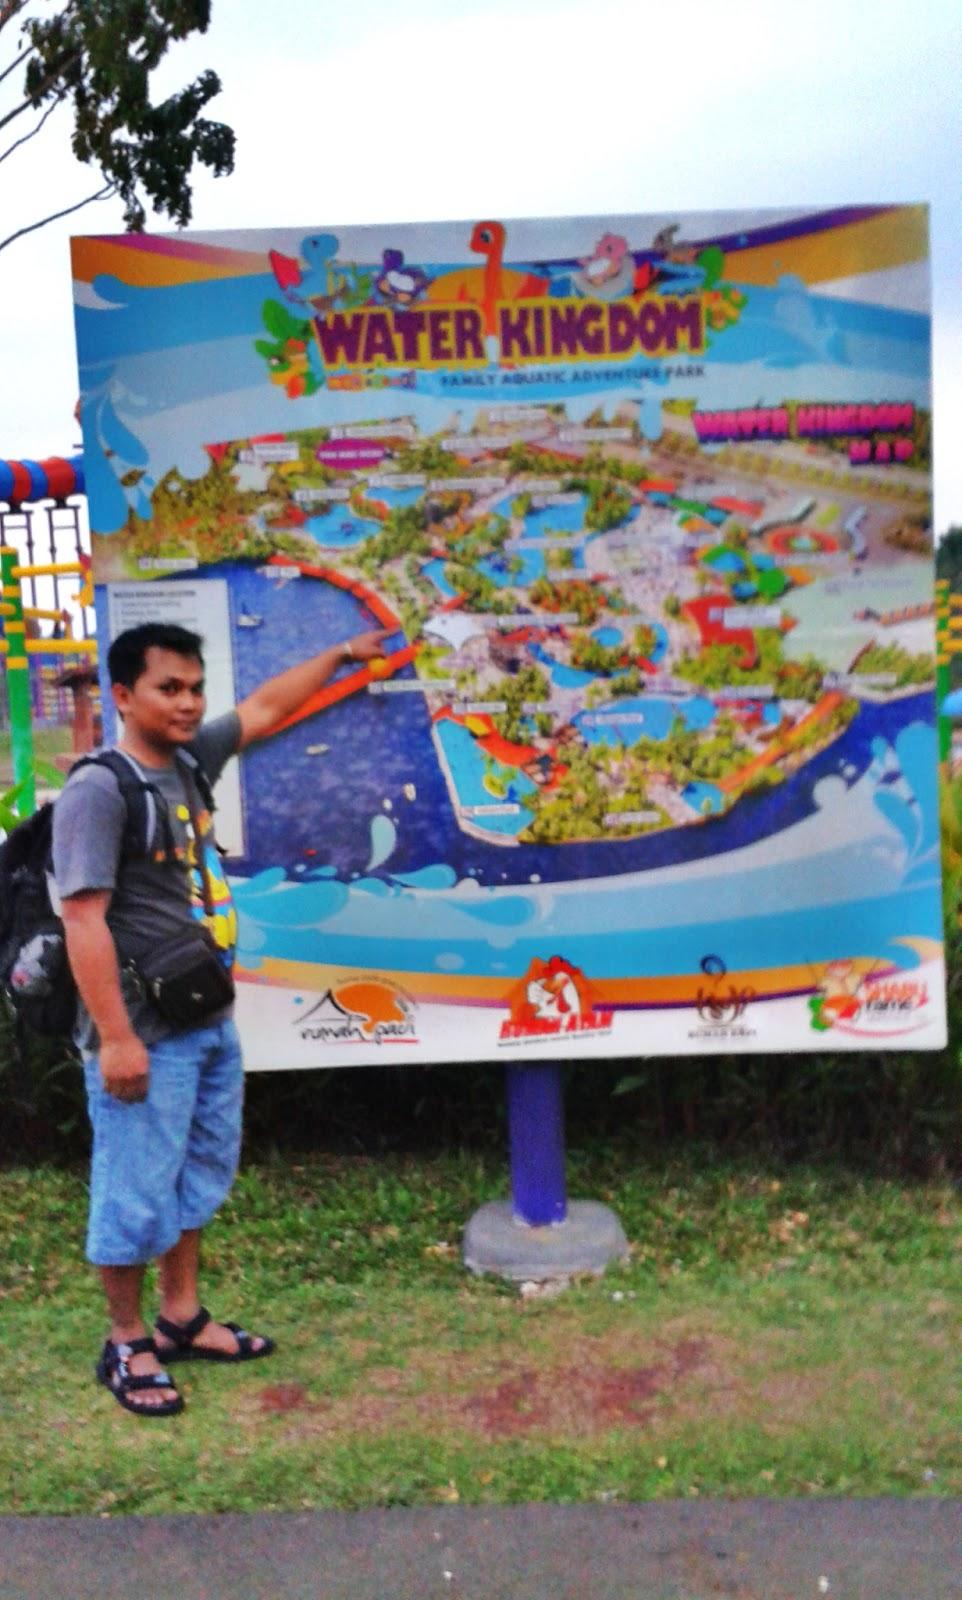 Water Kingdom Mekarsari Voucher Tempat Ini Bisa Dibilang Masih Baru Untuk Sampai Kesitu Butuh Perjalanan Yang Lumayan Makan Waktu Kalau Naik Motor Di Cibubur Ujung Coy